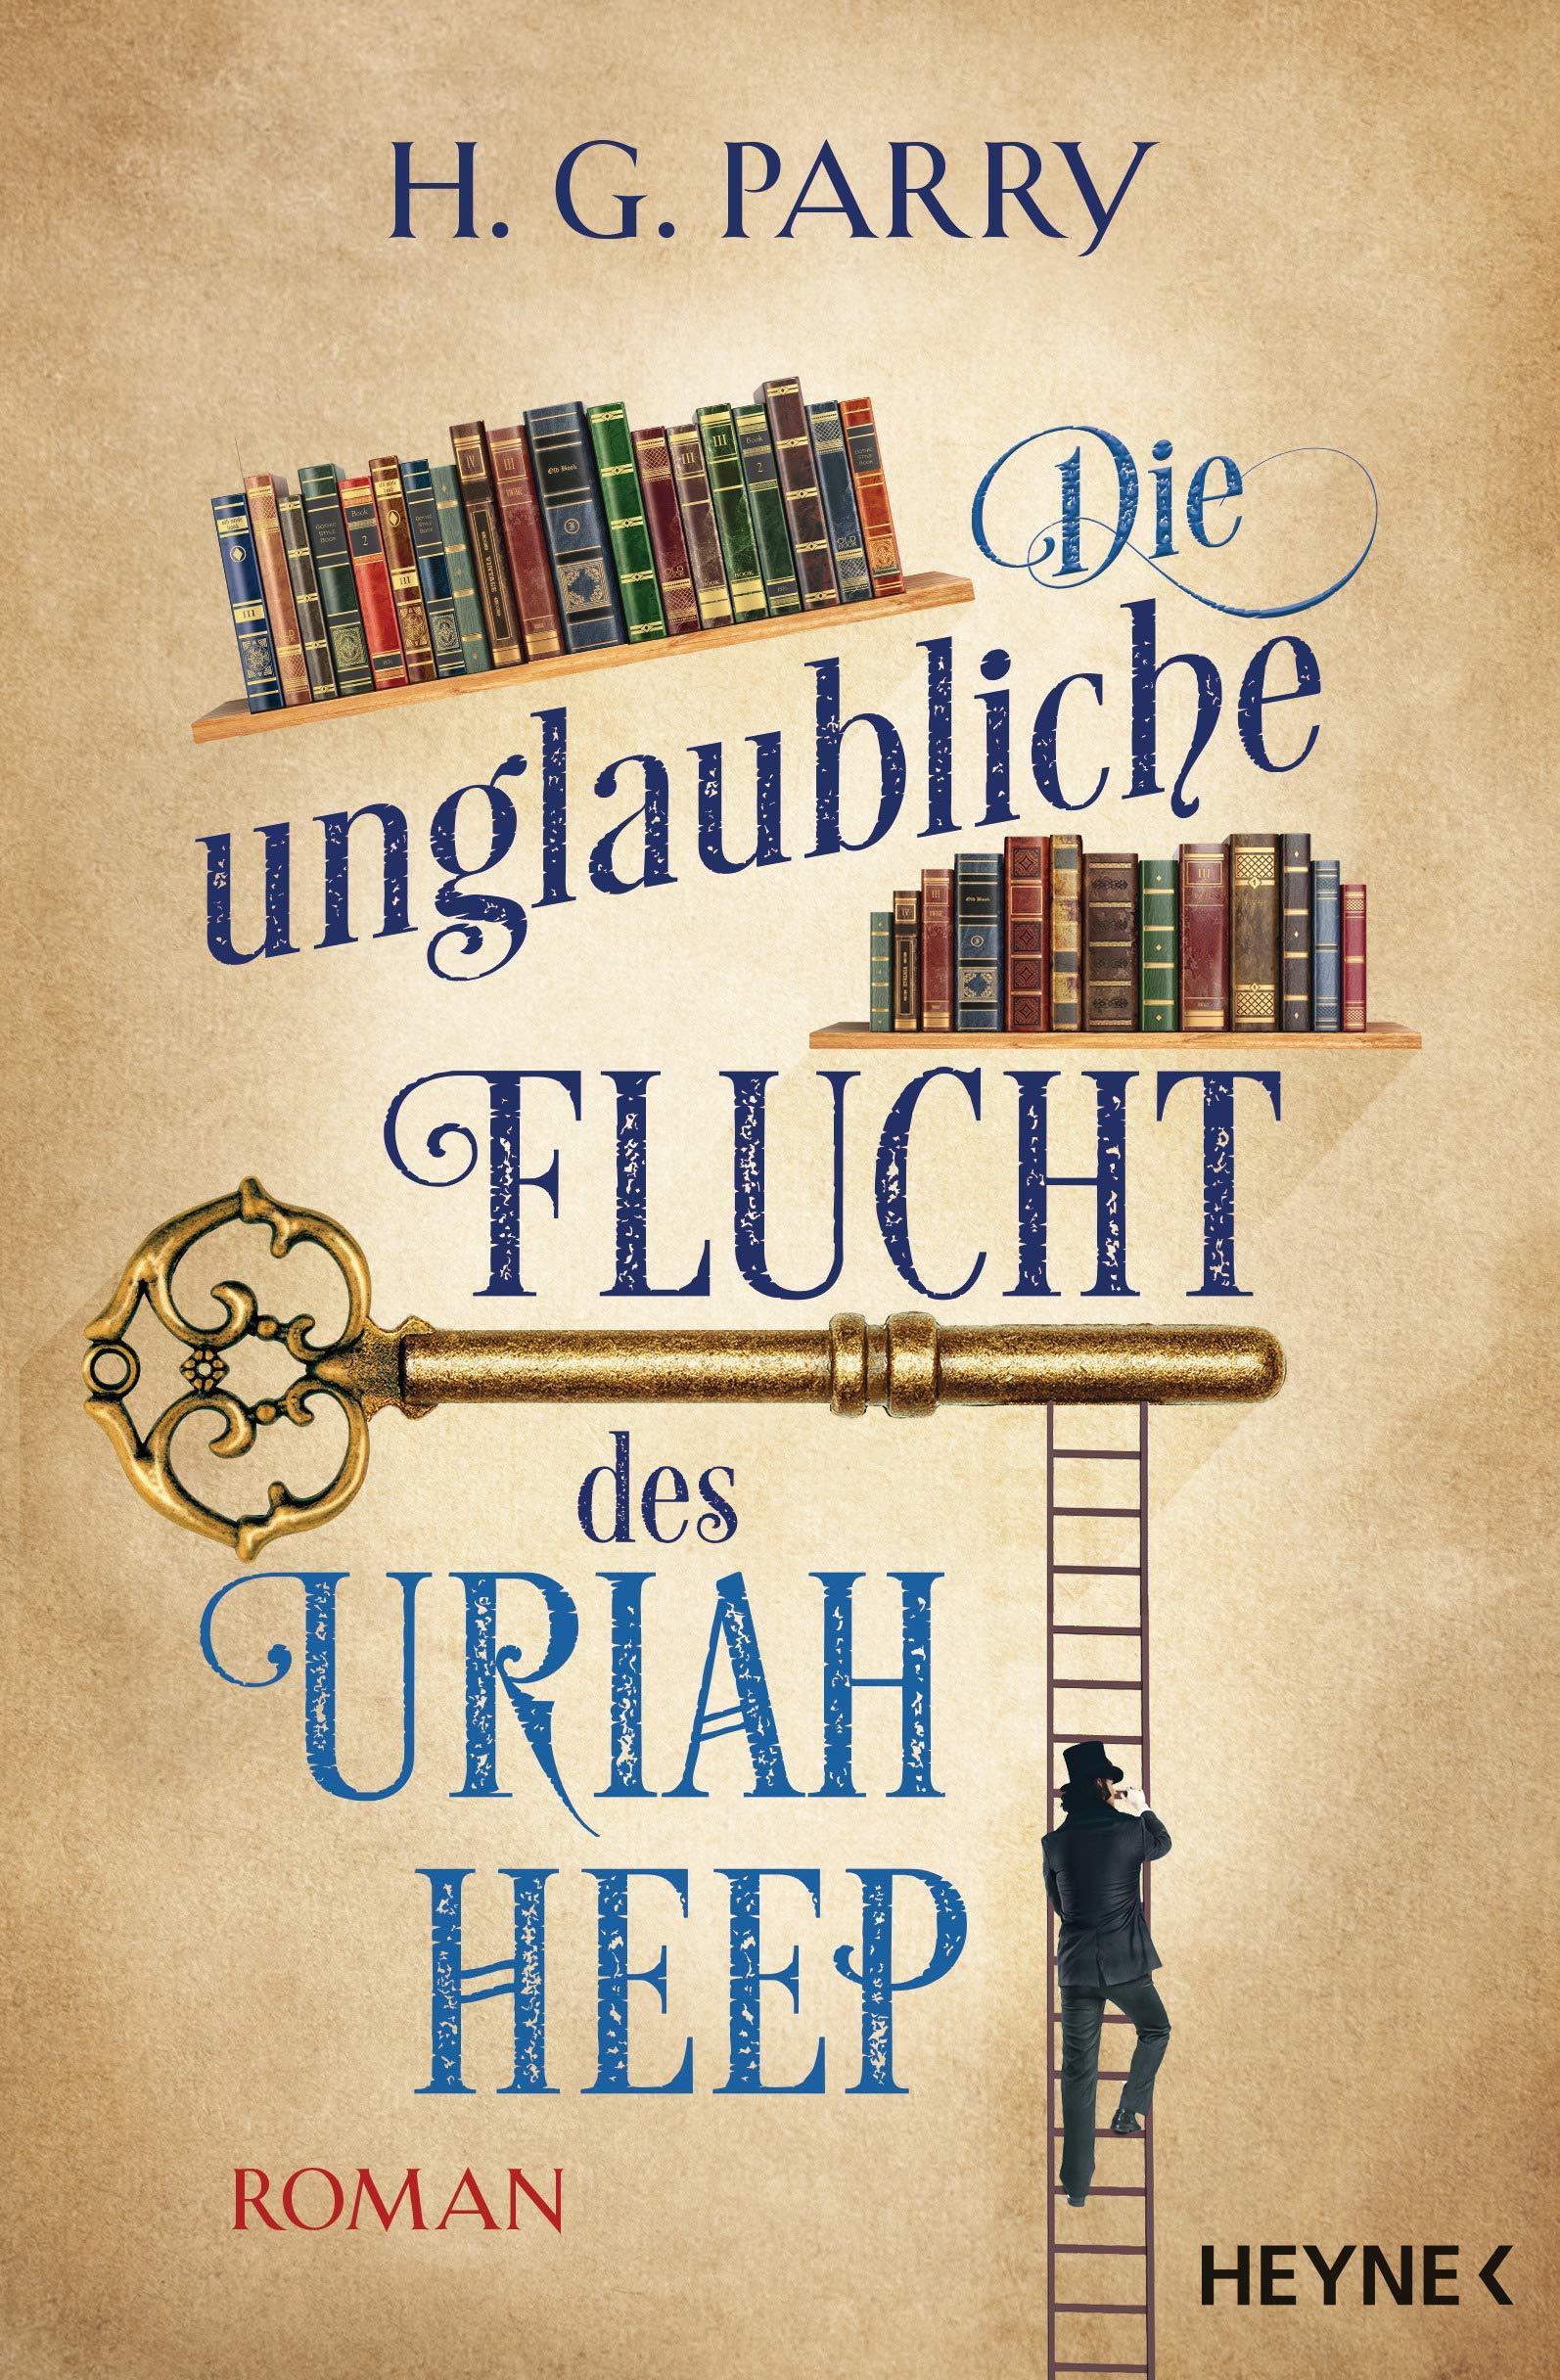 Die unglaubliche Flucht des Uriah Heep: Roman: Amazon.de: H.G. ...